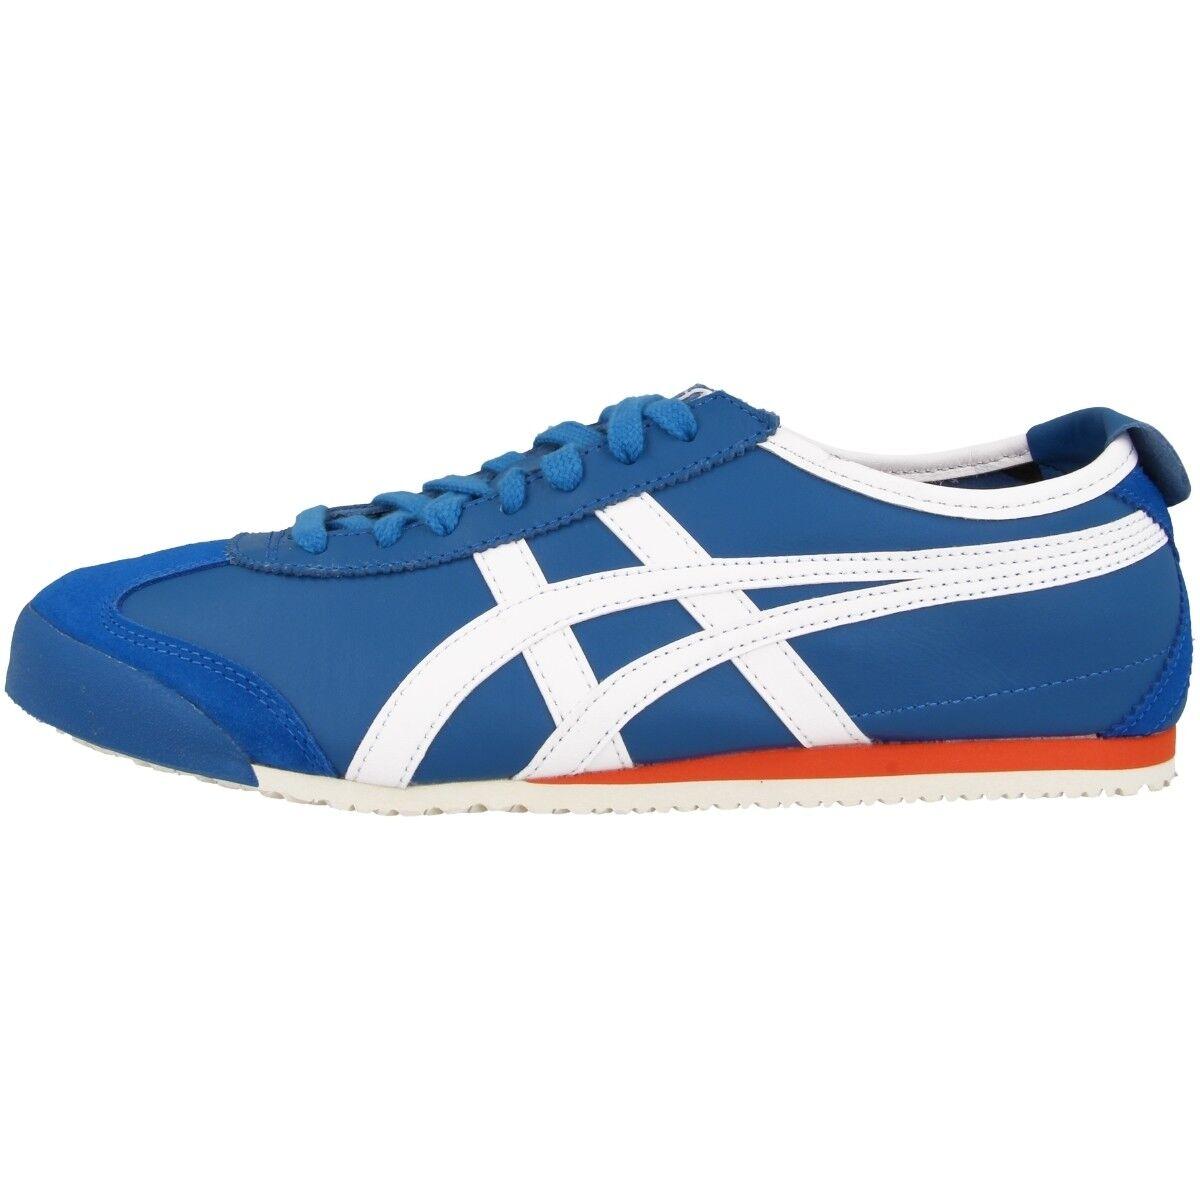 Asics Onitsuka Tiger méxico 66 zapatos zapatos zapatos retro cortos azul blanco d4j2l-4201  el mas de moda